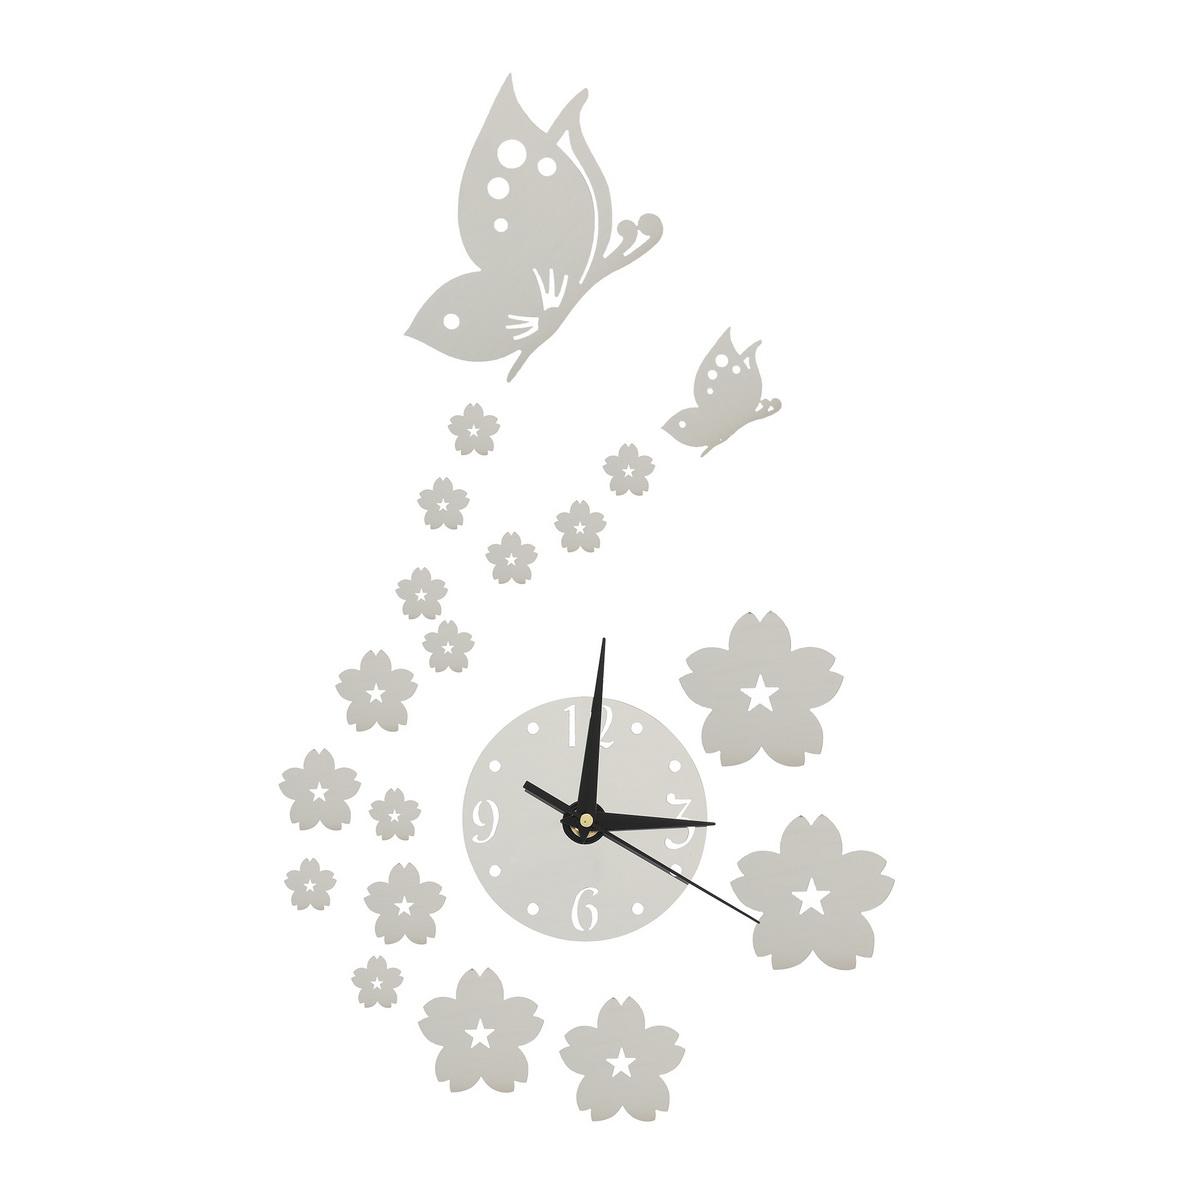 3d horloge murale papillon fleur sticker d cor maison art - Pendule murale papillon ...